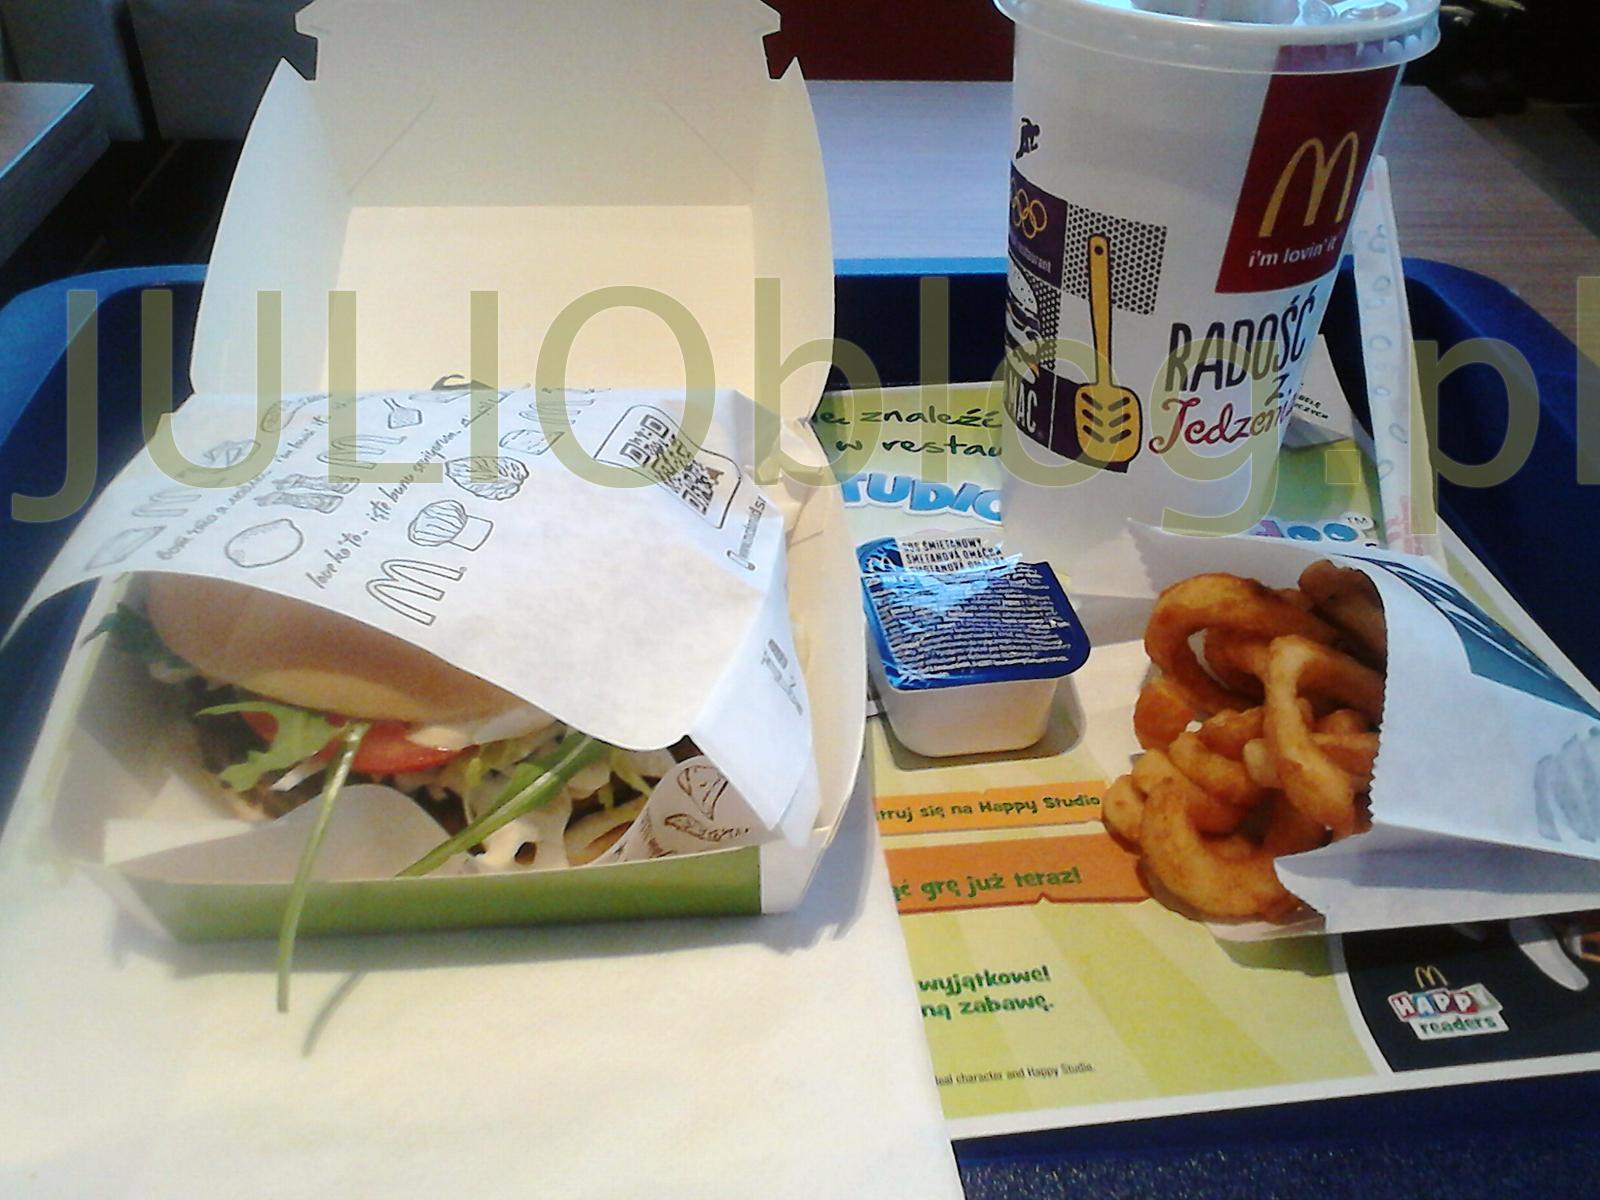 julioblog.pl-obiad-julii-w-mc-donalds-mcdanaldzie-styczeń-2015-oferta-zimowa-kanapka-big-colesław-burger-zakręcone-frytki-z-sosem-śmietanowym-do-tego-średni-napój-radość-jedzenia-zasmakuj-w-jakości